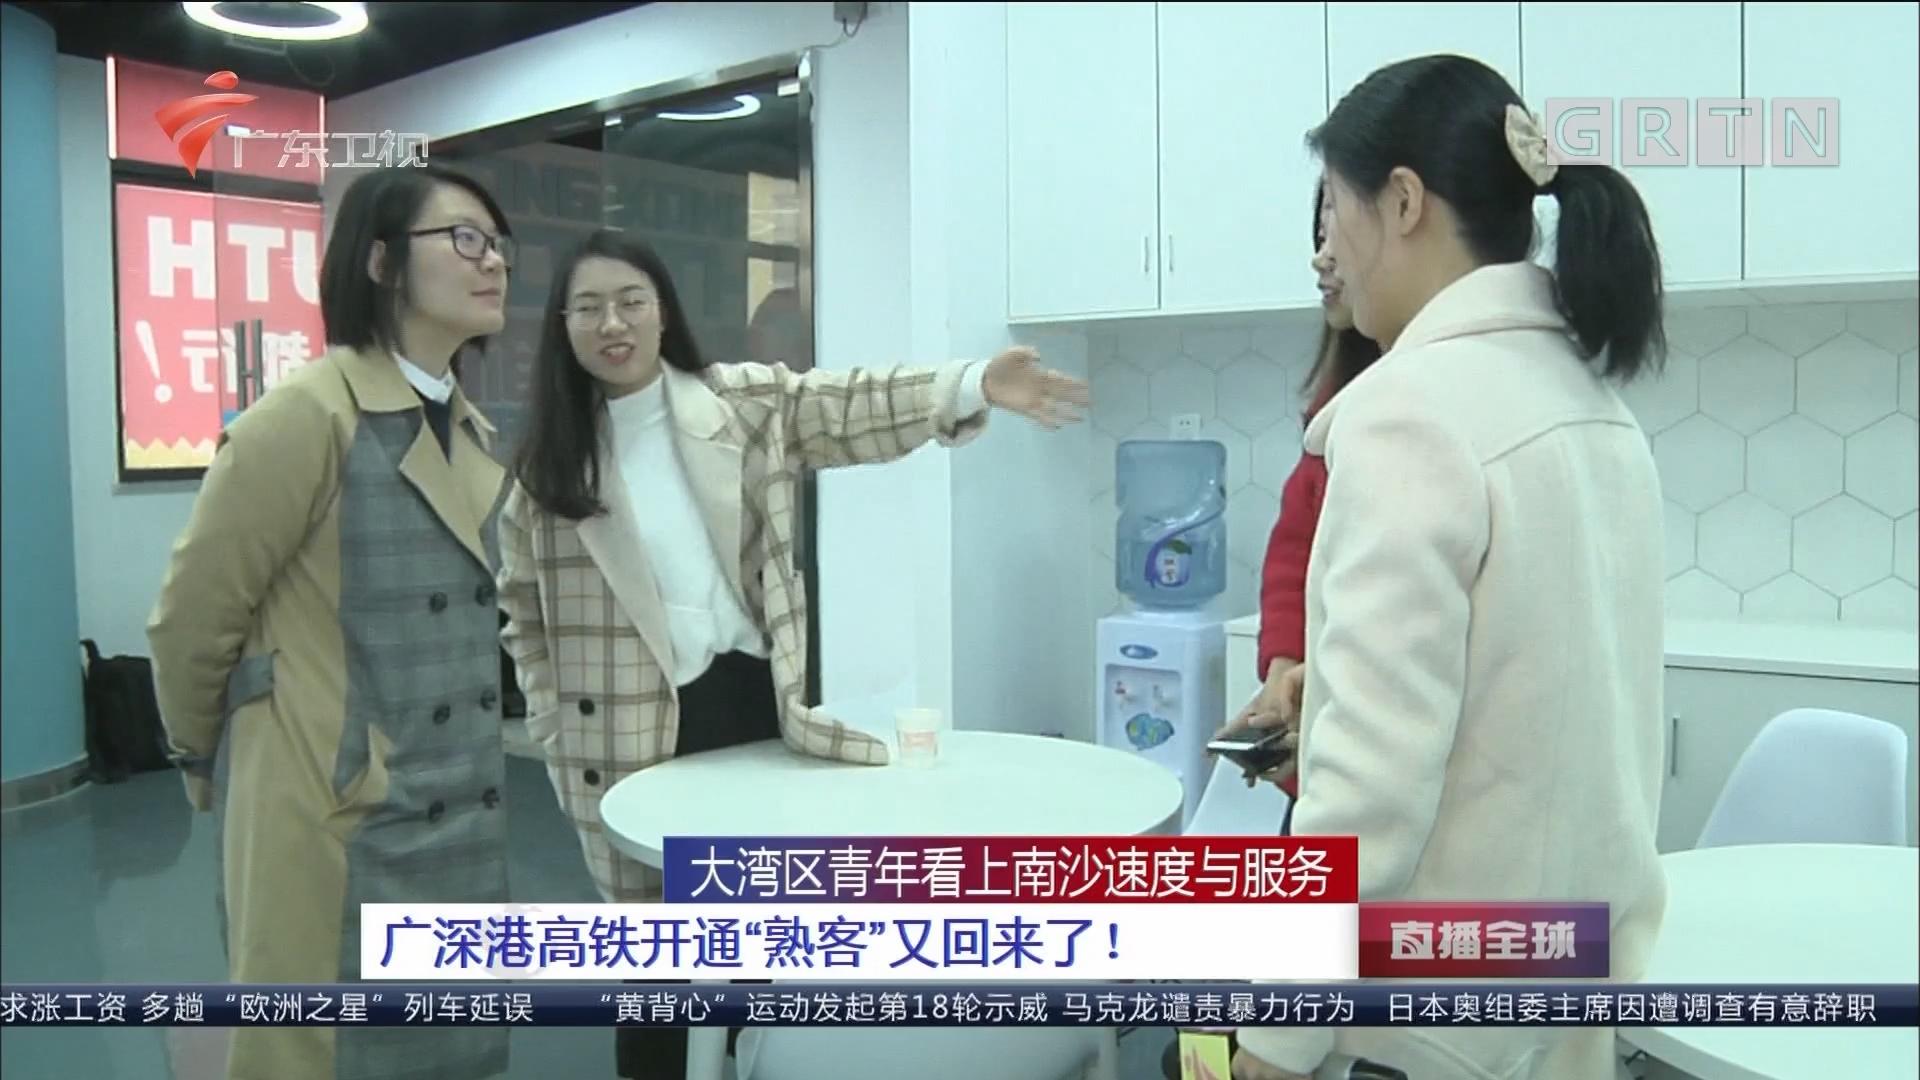 """大湾区青年看上南沙速度与服务:广深港高铁开通""""熟客""""又回来了!"""